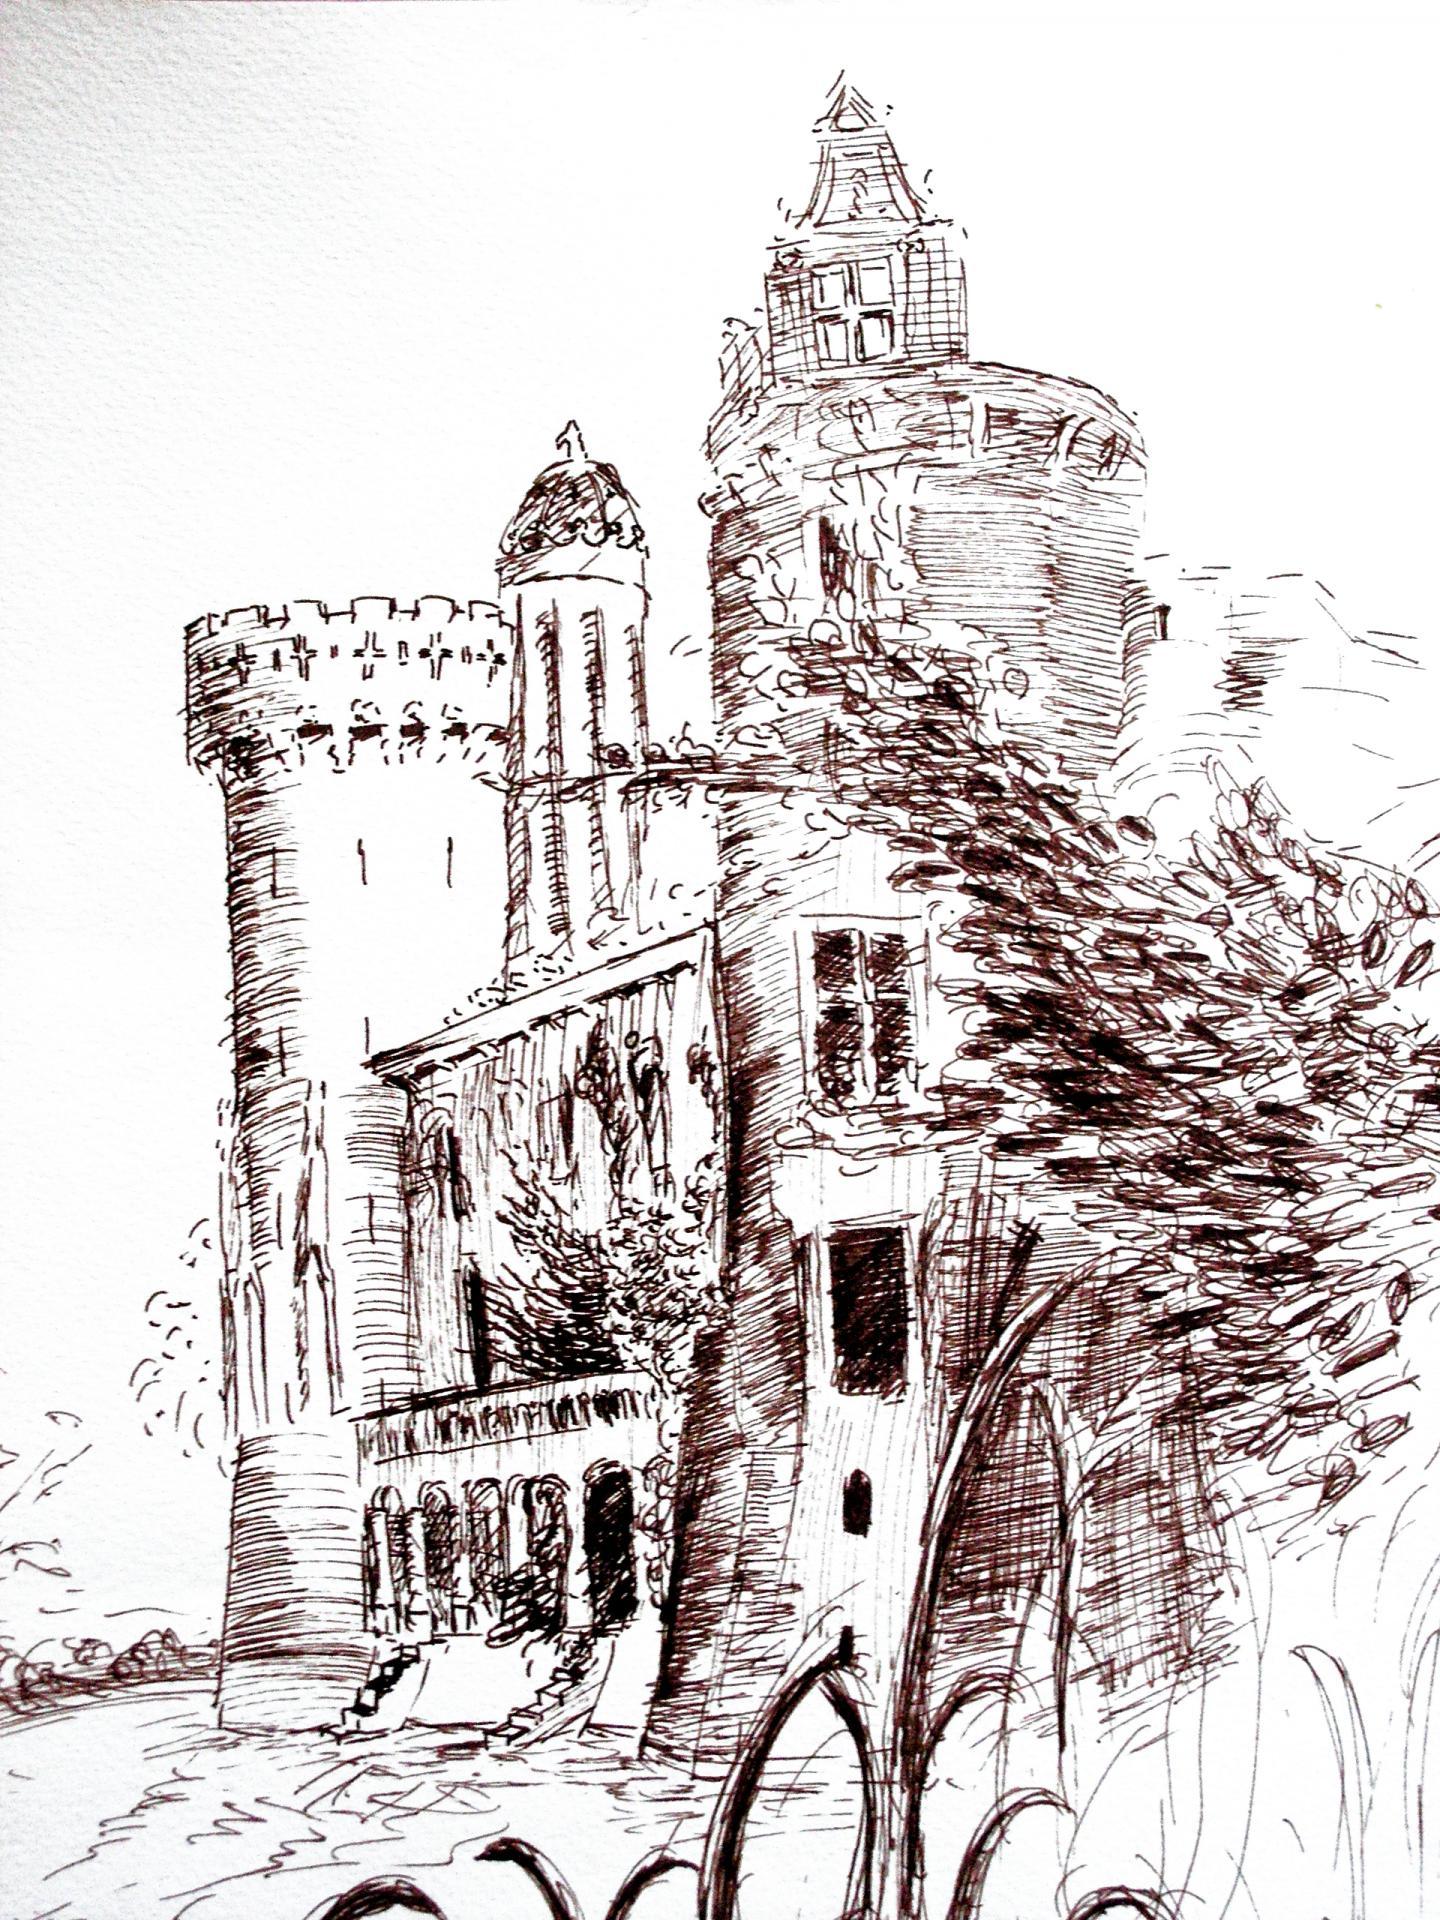 Chateau en ruine dessin a la plume de jean joseph chevalier 2